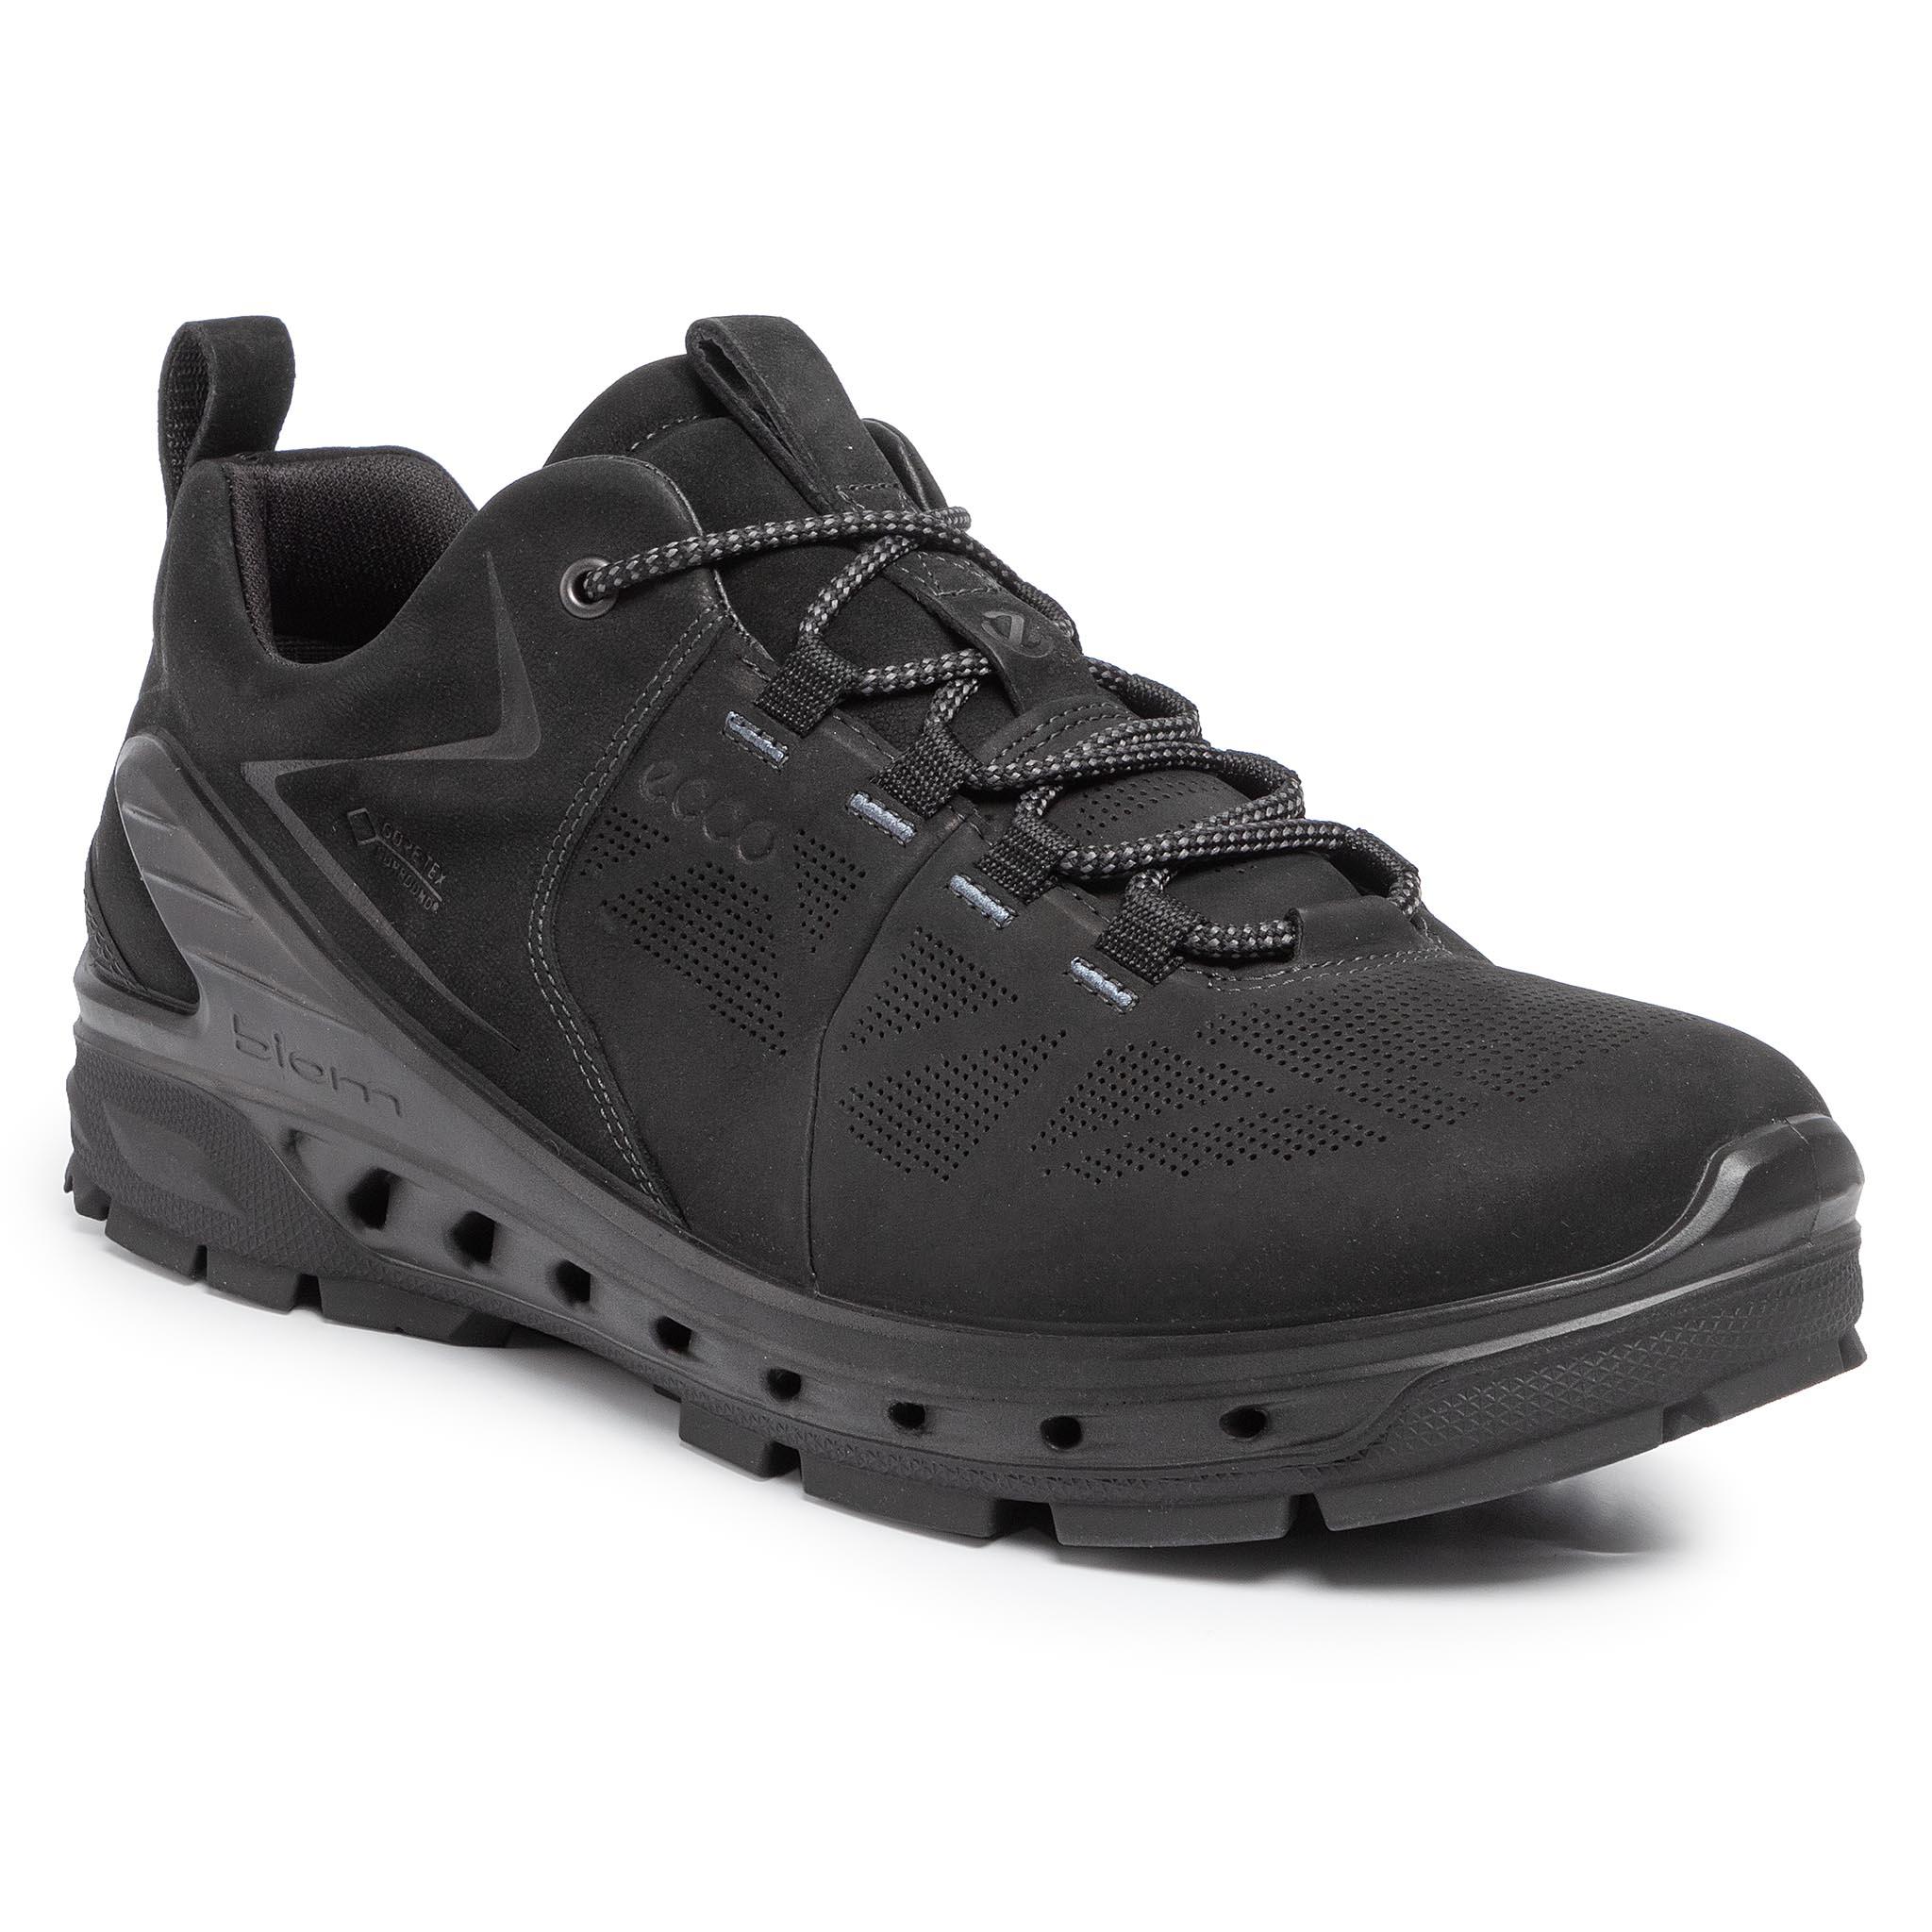 Topánky ECCO - Biom Venture Tr M GORE-TEX 85467451052 Black/Black